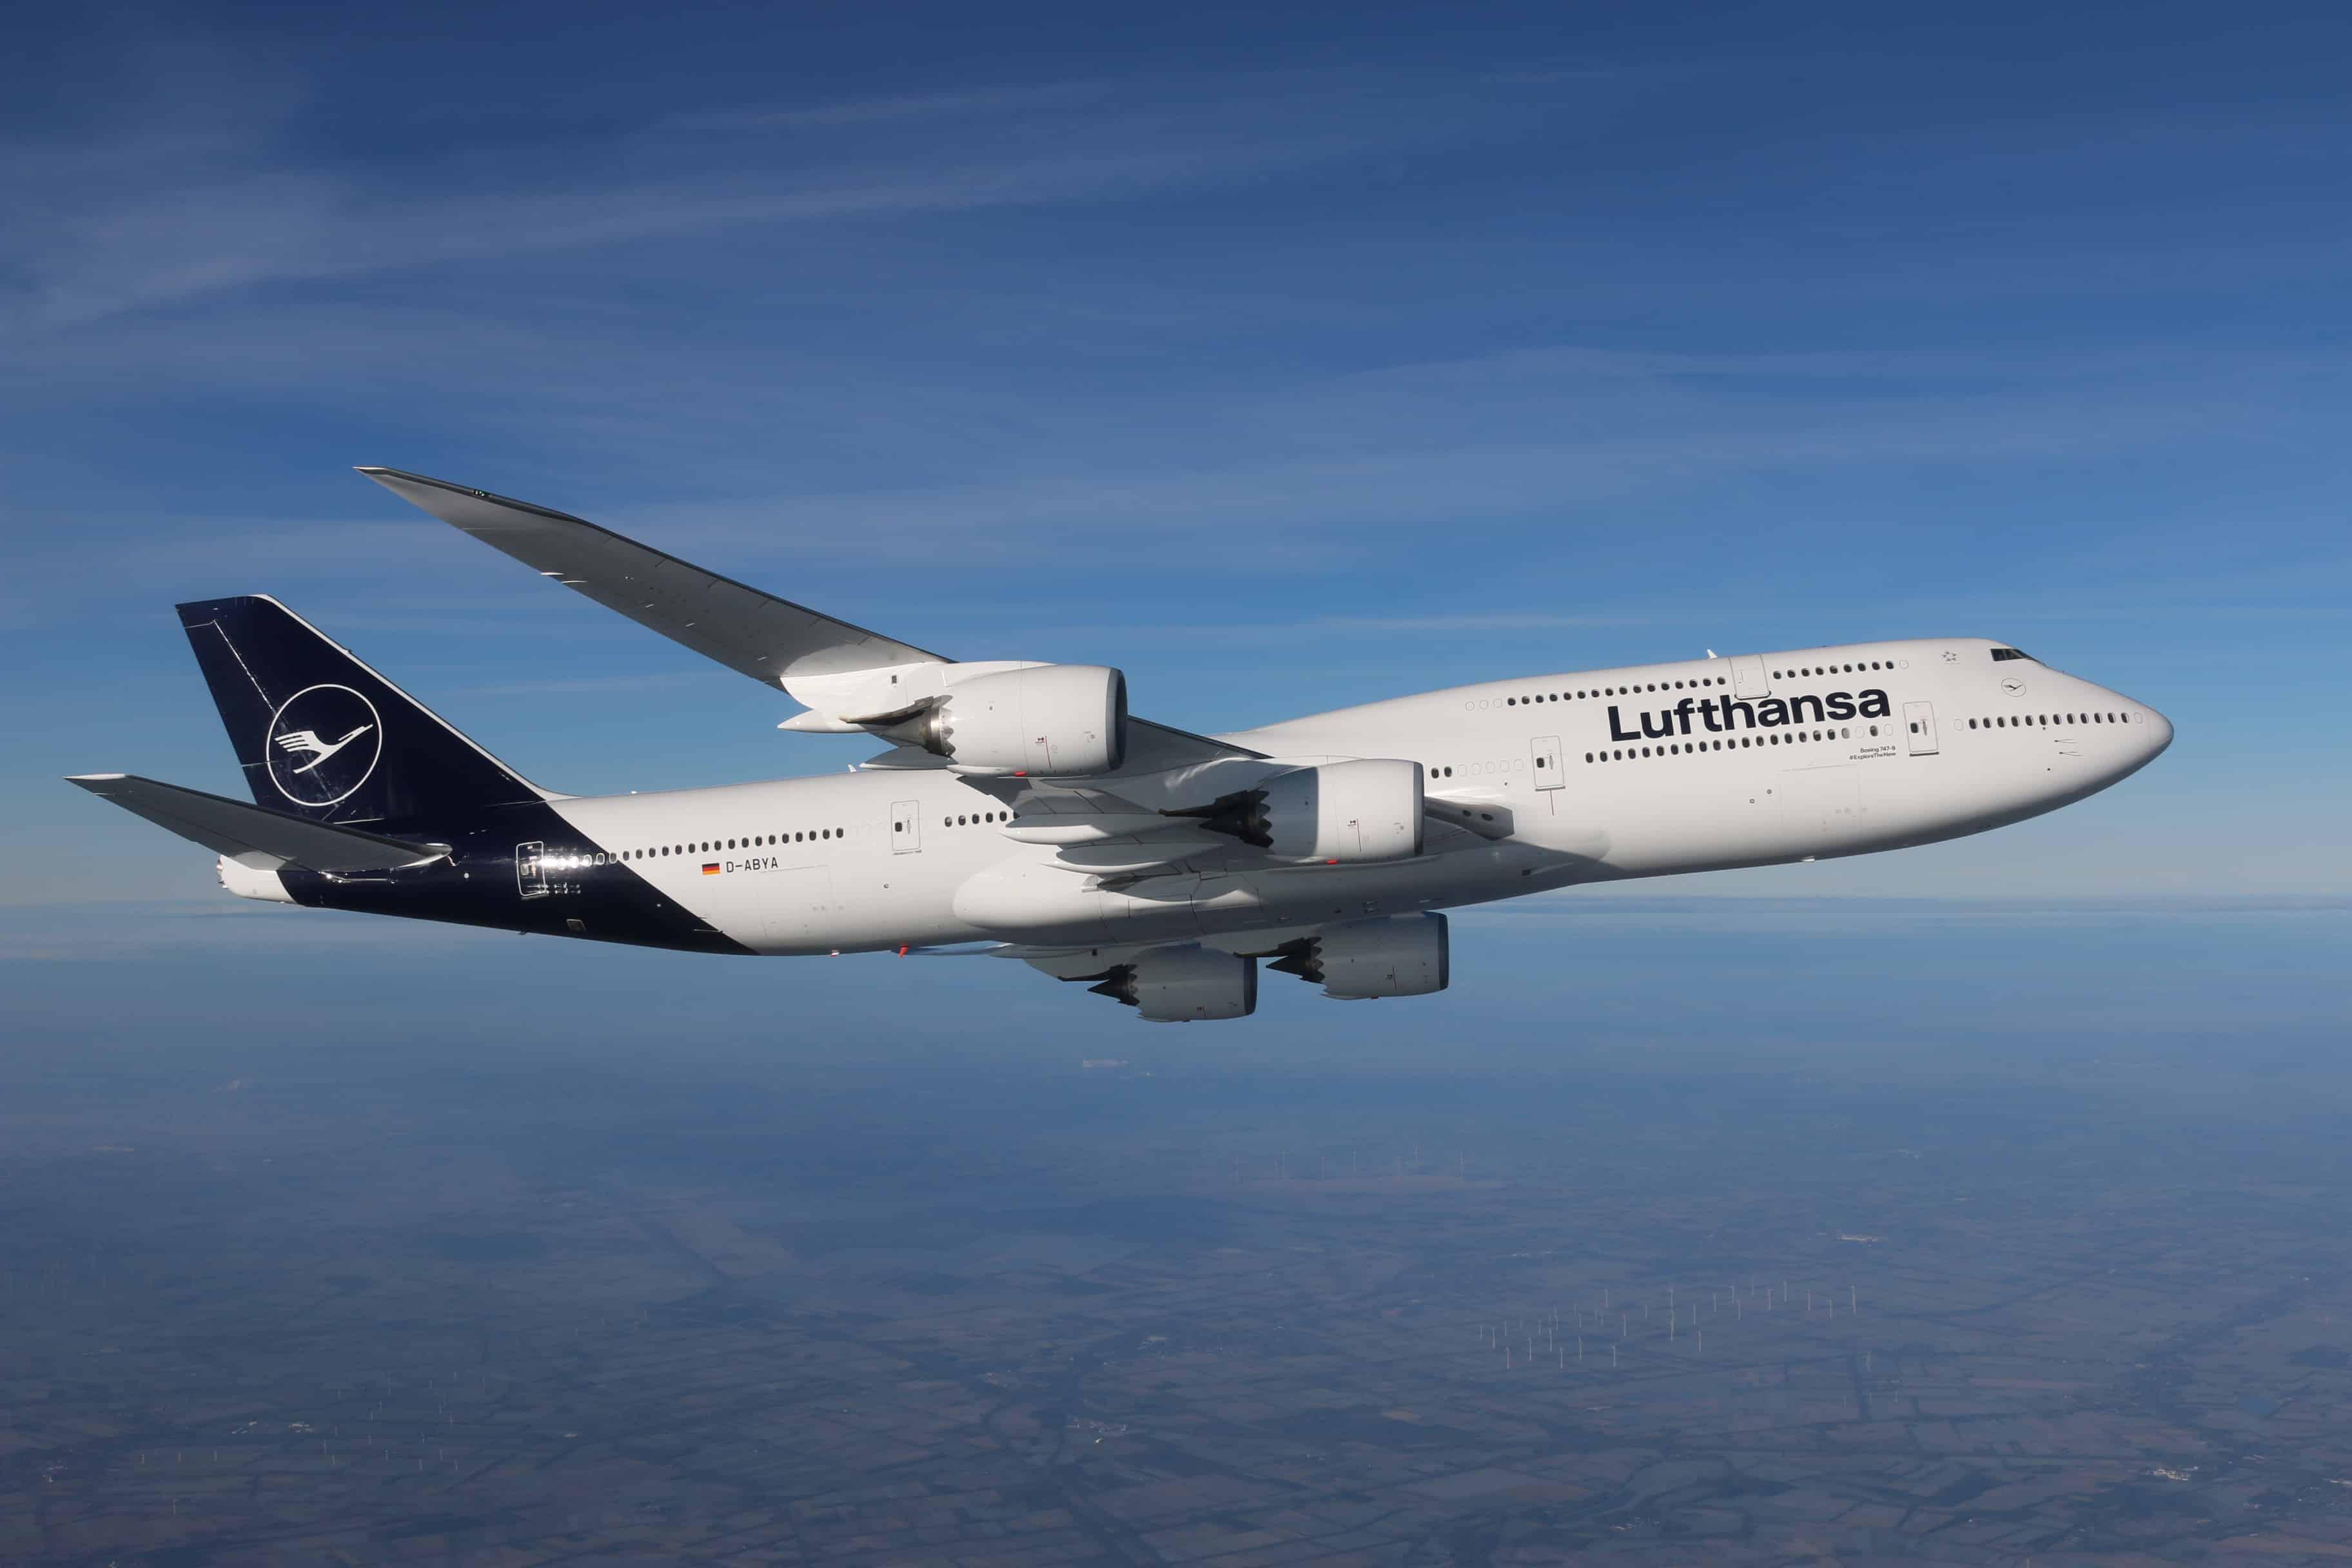 Lufthansa Technical Training als Industriepartners des 13. TANNER-Hochschulwettbewerbs für Technische Kommunikation / Dokumentation